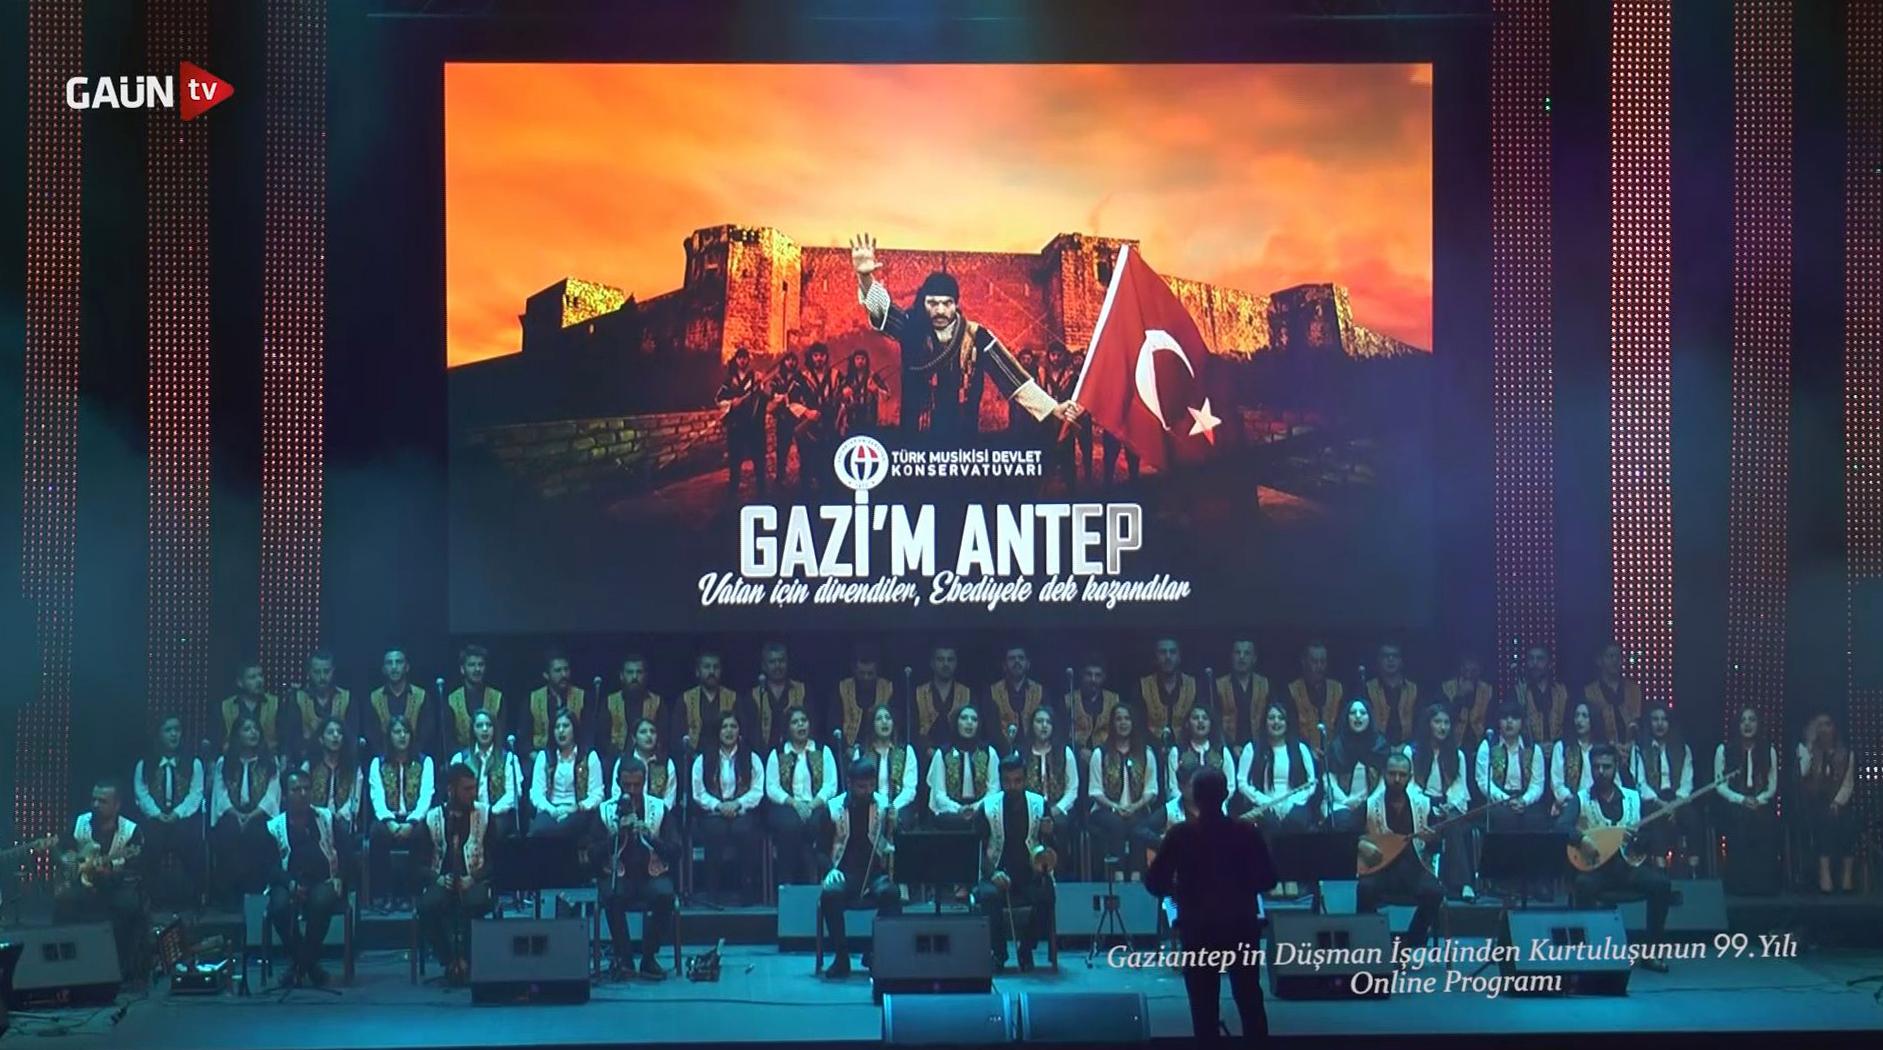 Gazim Antep Türk Halk Müziği Konseri